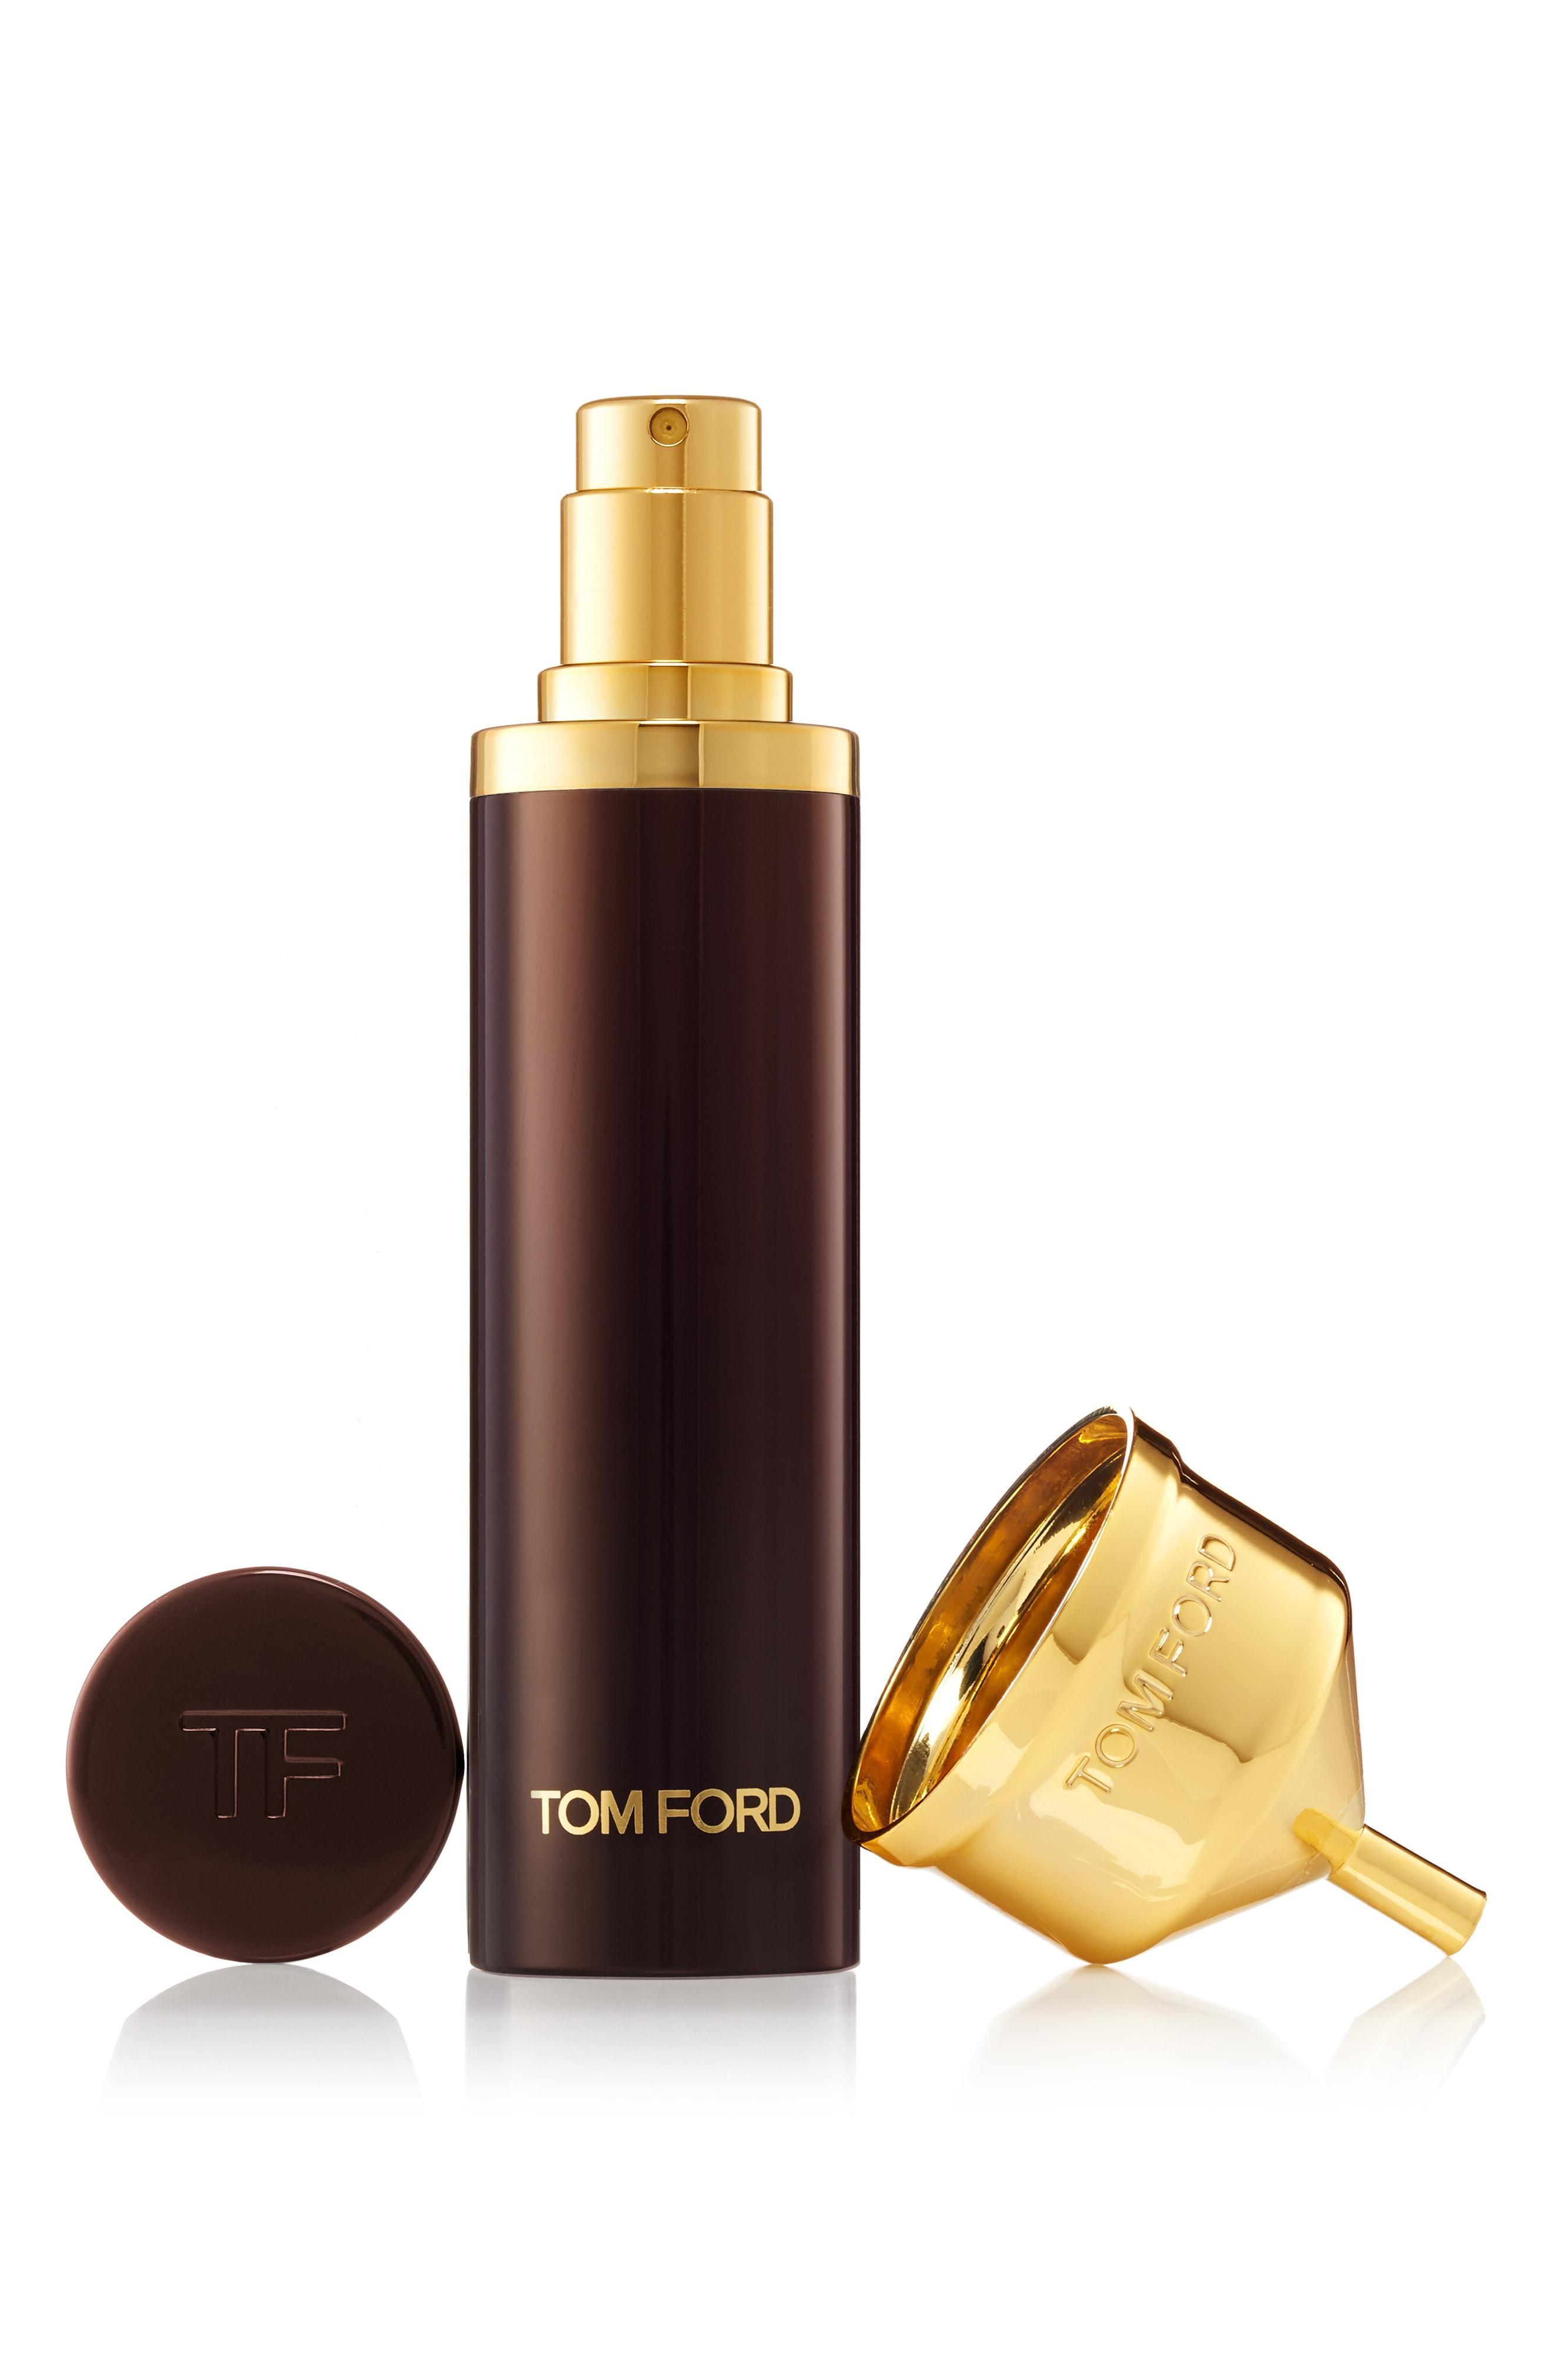 Tom Ford Cafe Rose 84 Oz 248 Ml Eau De Parfum Decanter Modesens